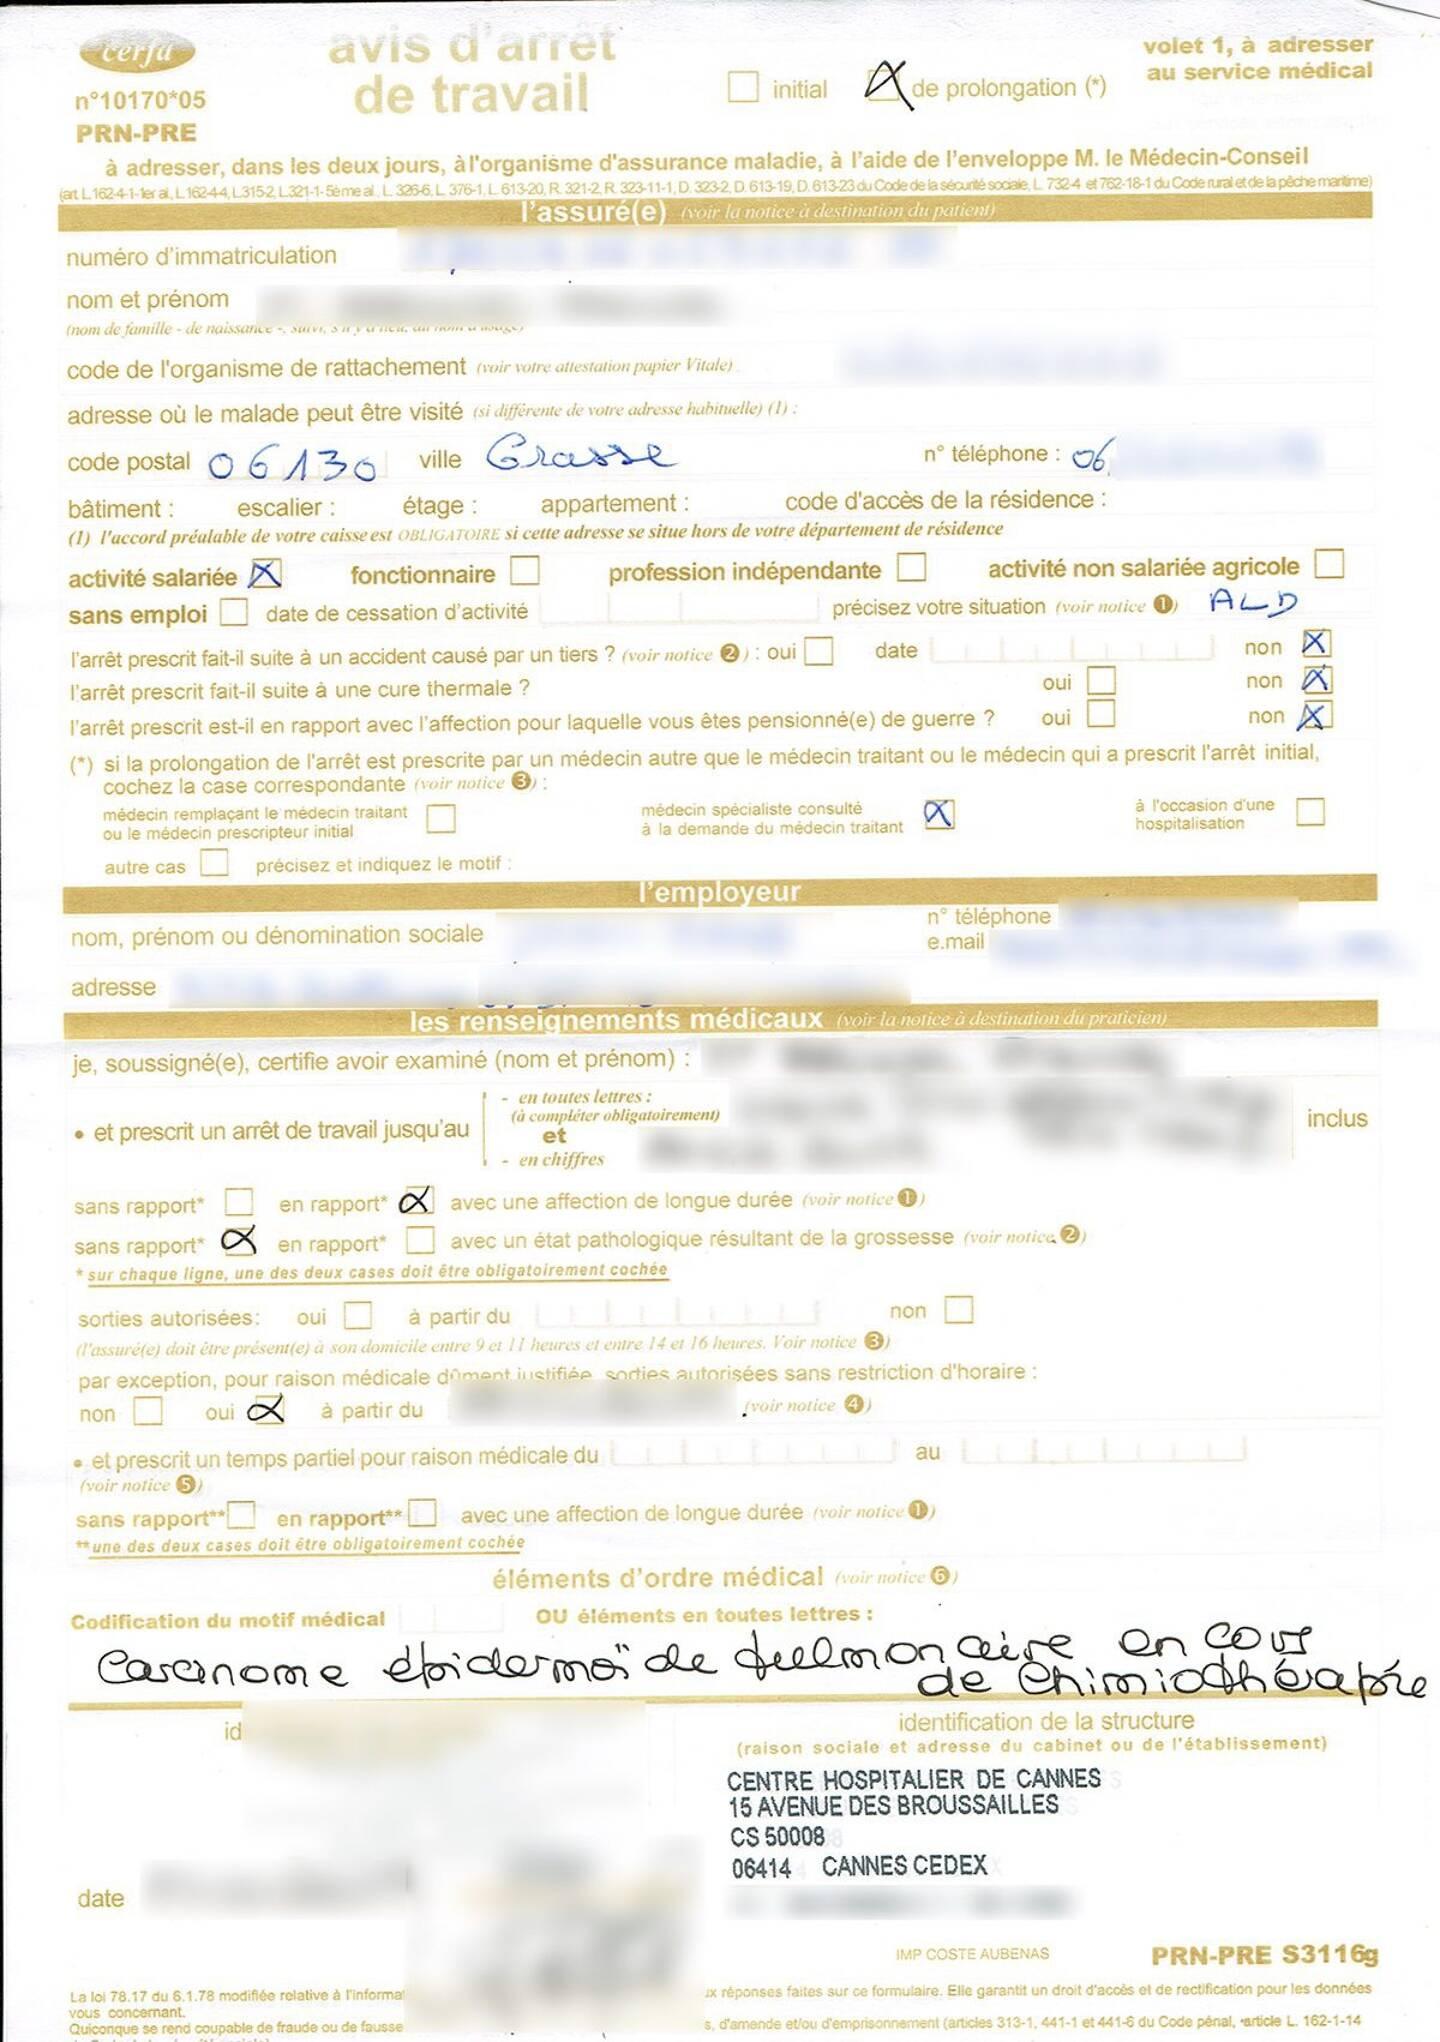 Un arrêt de travail émis par l'hôpital des Broussailles à Cannes. Le site ActuSoins a flouté les informations, mais tout y apparaissait: nom, numéro de sécu, téléphone, adresse, etc. L'hôpital n'y est pour rien. Le document a fuité depuis un forum de la Ligue contre le cancer.